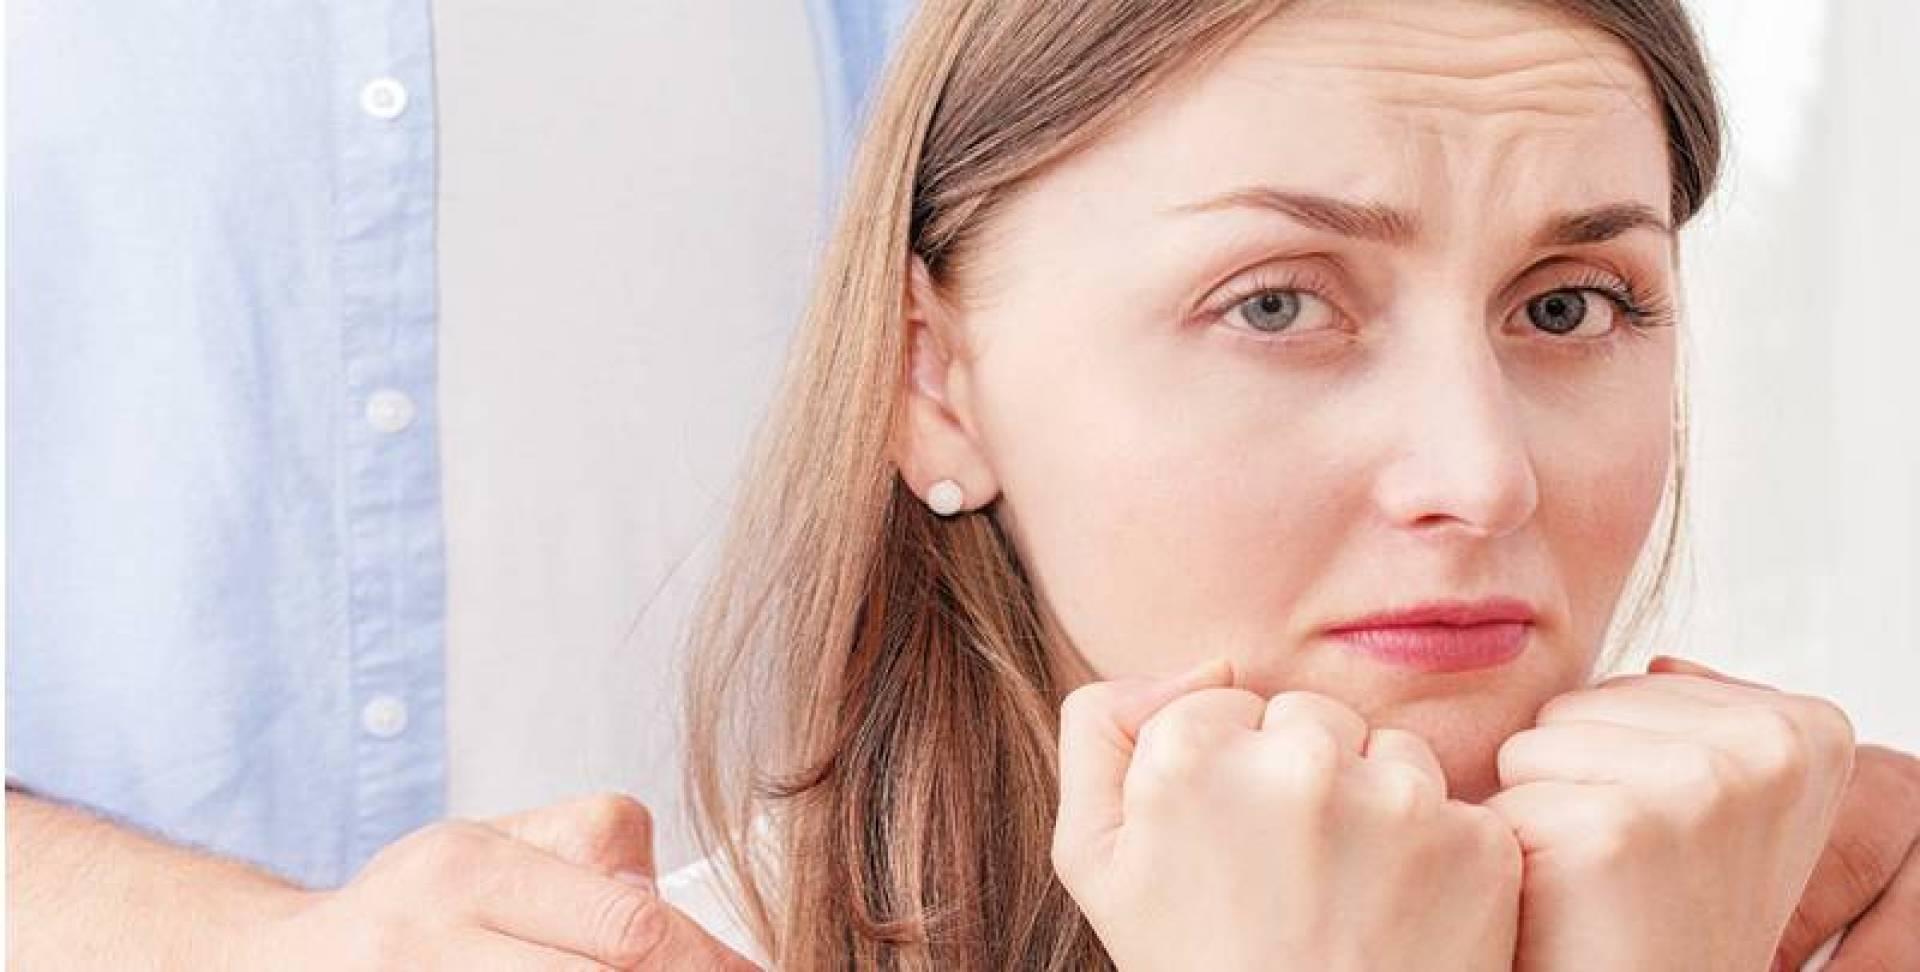 النساء اللائي يعملن لساعات طويلة معرَّضات للاكتئاب.. بنسبة أعلى من الرجال